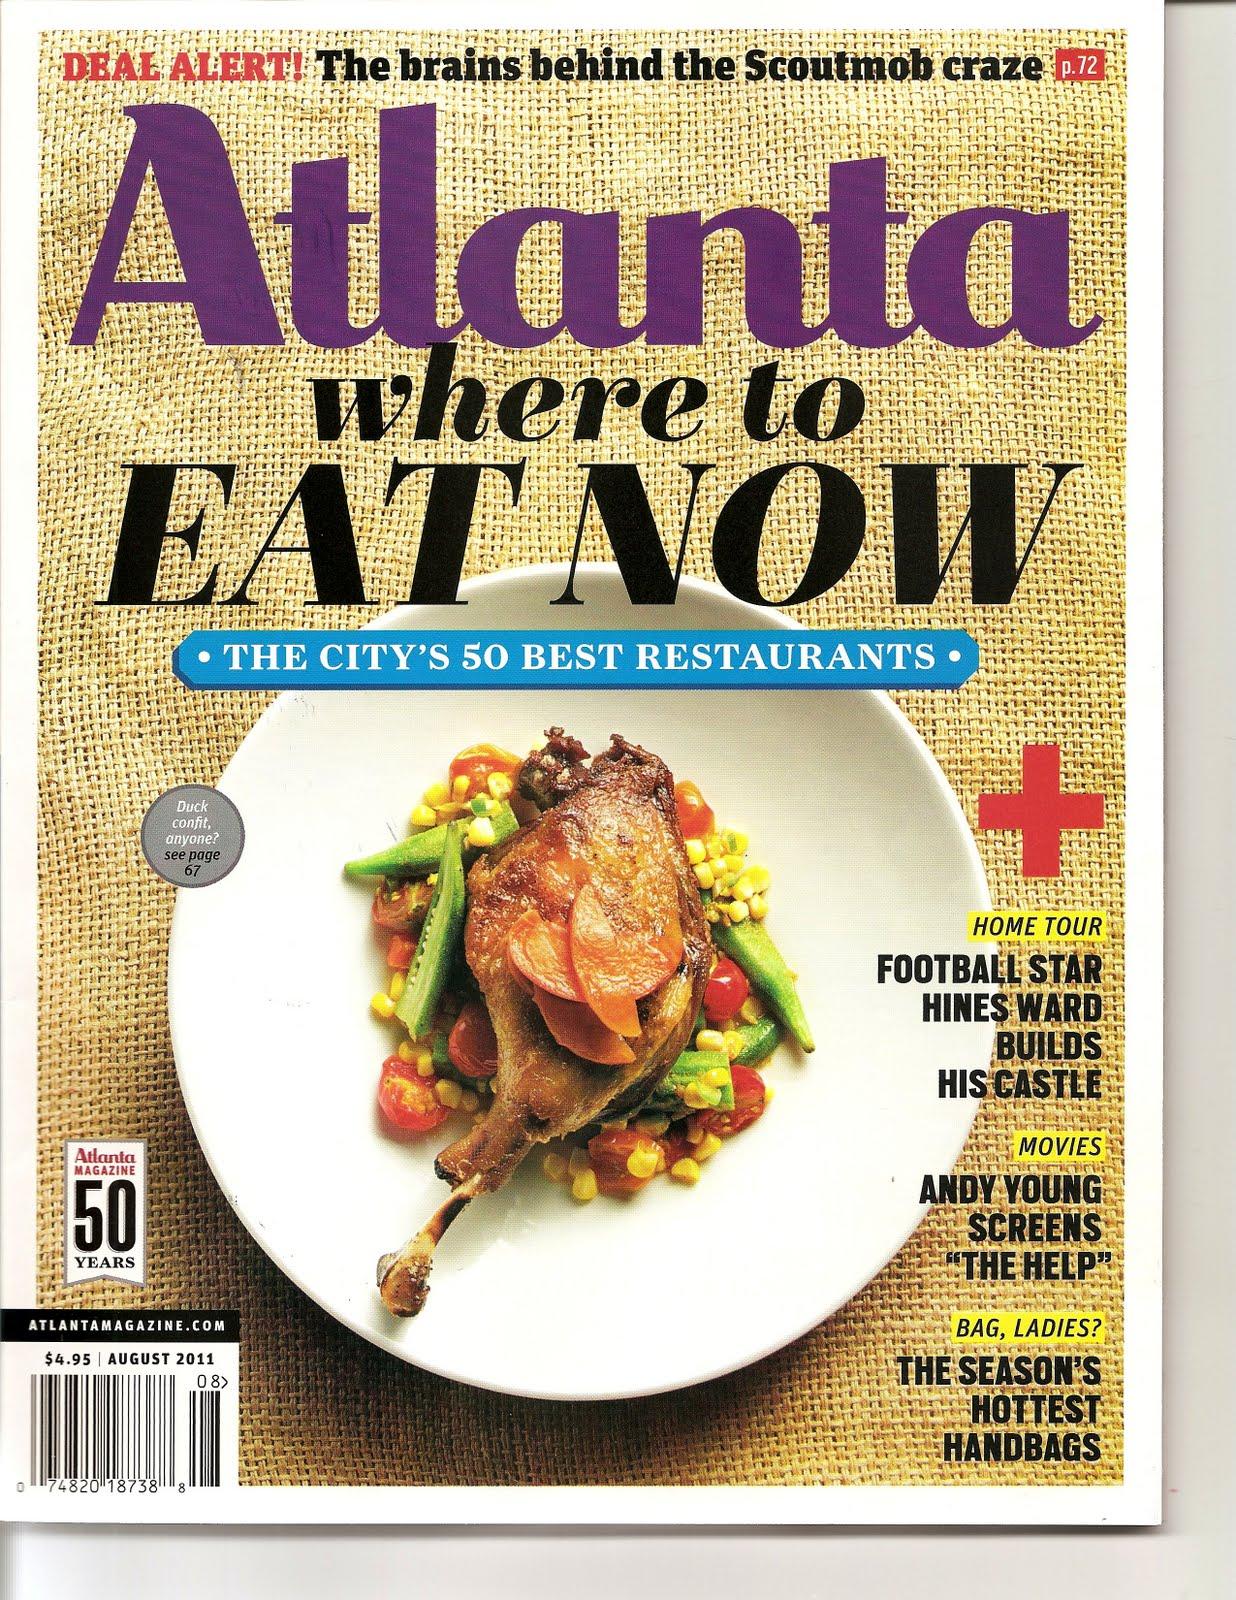 http://3.bp.blogspot.com/-3s47LGMy9xU/TixHl5hsZ3I/AAAAAAAAByk/QtE94gYI0qU/s1600/Atlanta+Magazine.jpg